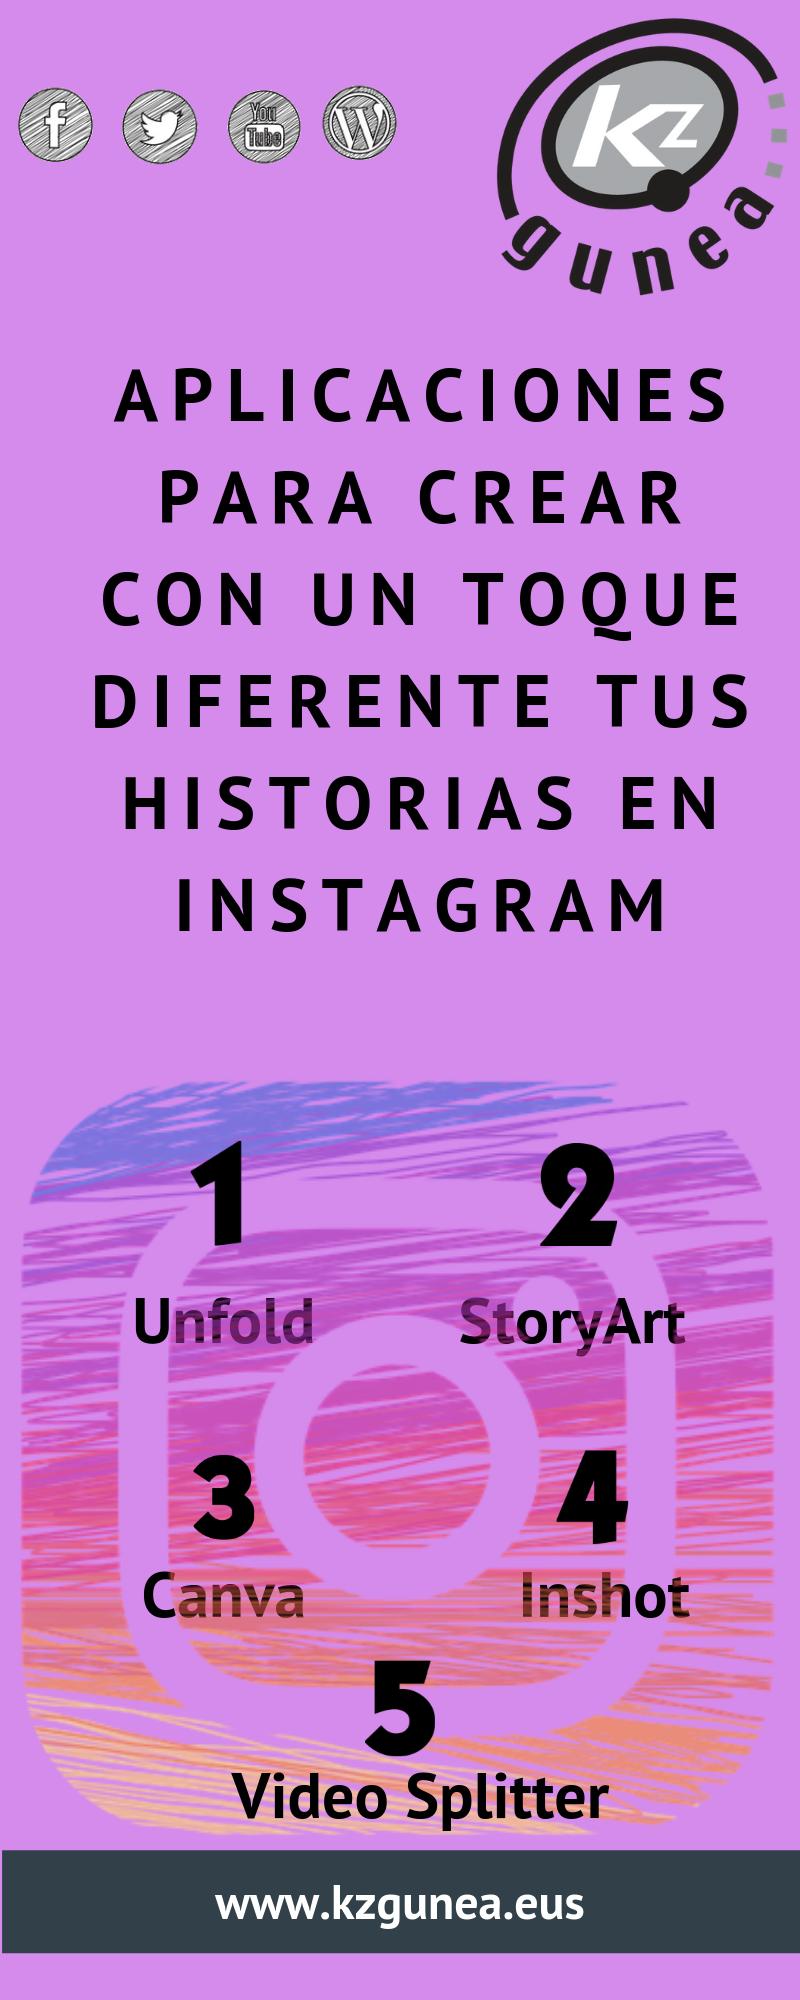 Aplicaciones para crear con un toque diferente tus historias de Instagram